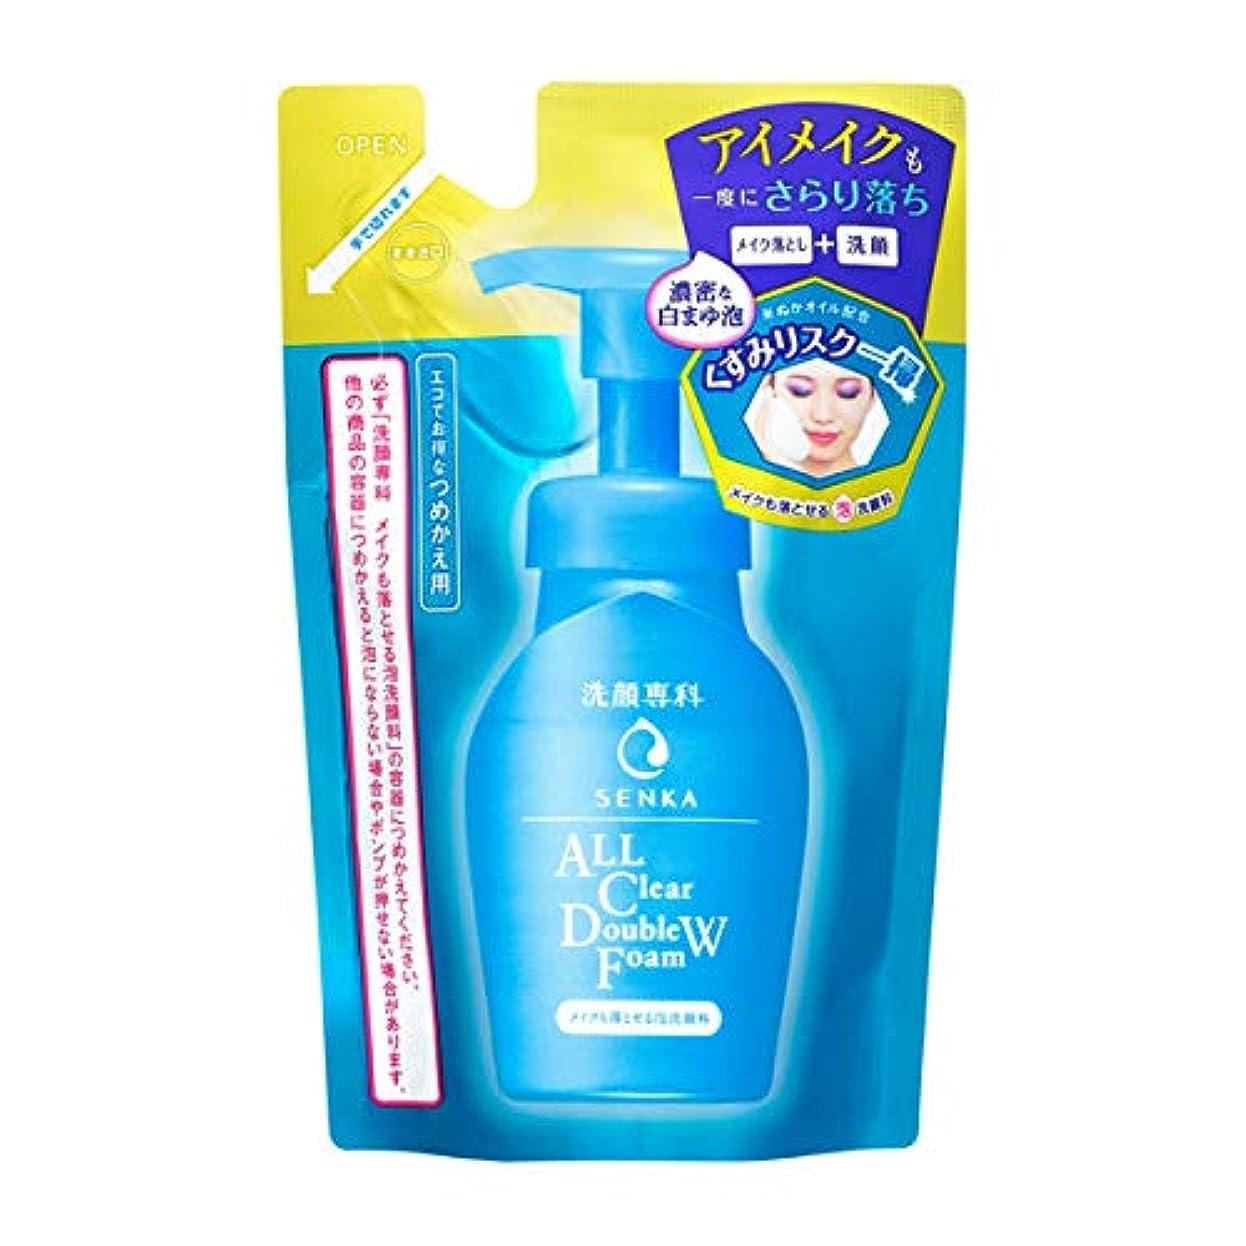 発明ライセンス近代化する洗顔専科 メイクも落とせる泡洗顔料 つめかえ用 130ml やさしく香るみずみずしいフローラルの香り